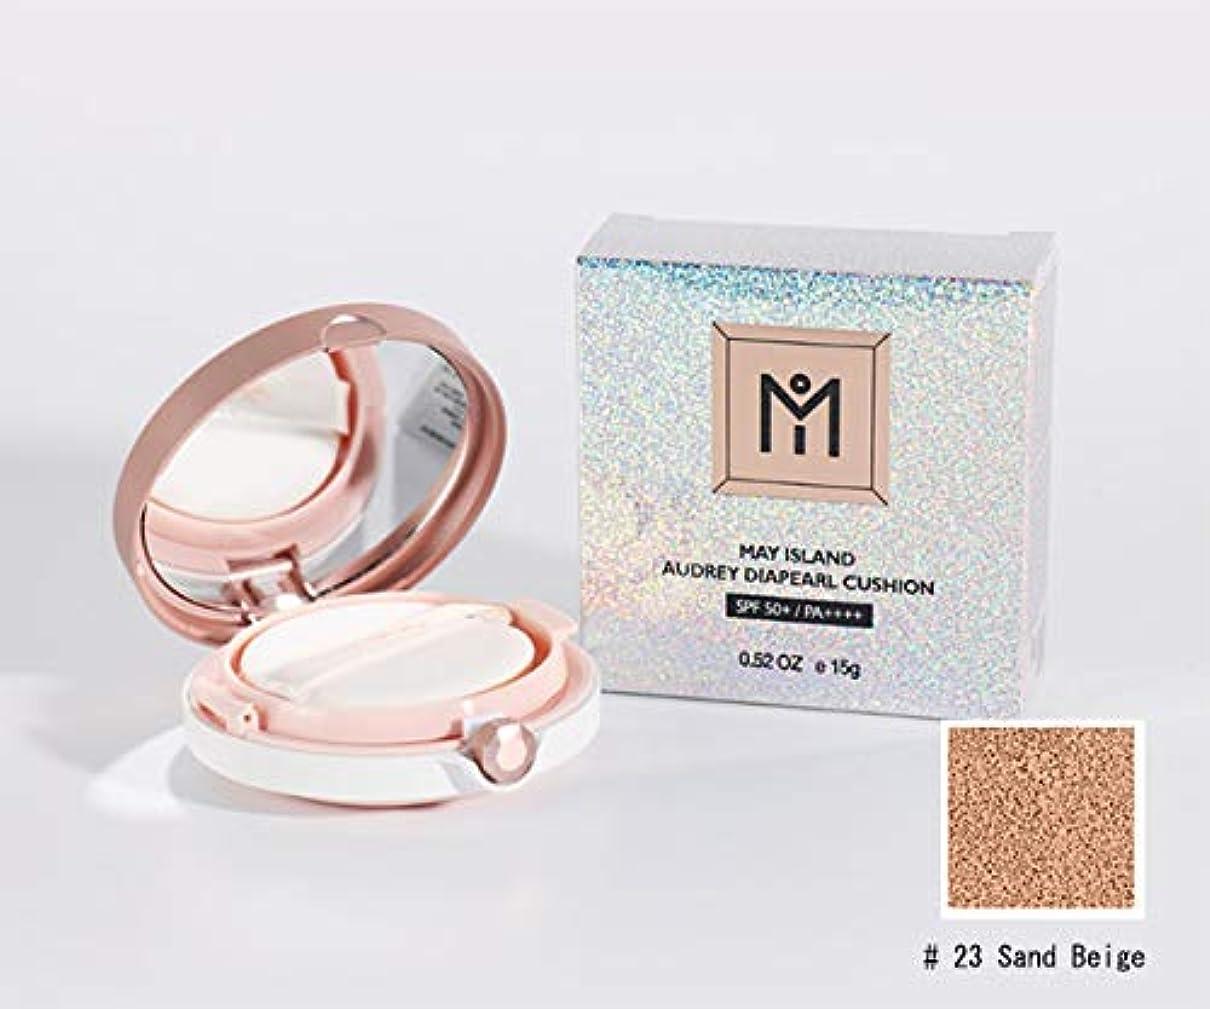 イヤホン良心つなぐ[MAY ISLAND] AUDREY DIAPEARL CUSHION[#23.Sand Beige] ダイヤモンドパールクッション SPF50+/ PA++++[美白、シワの改善、紫外線遮断3の機能性化粧品]韓国の人気...